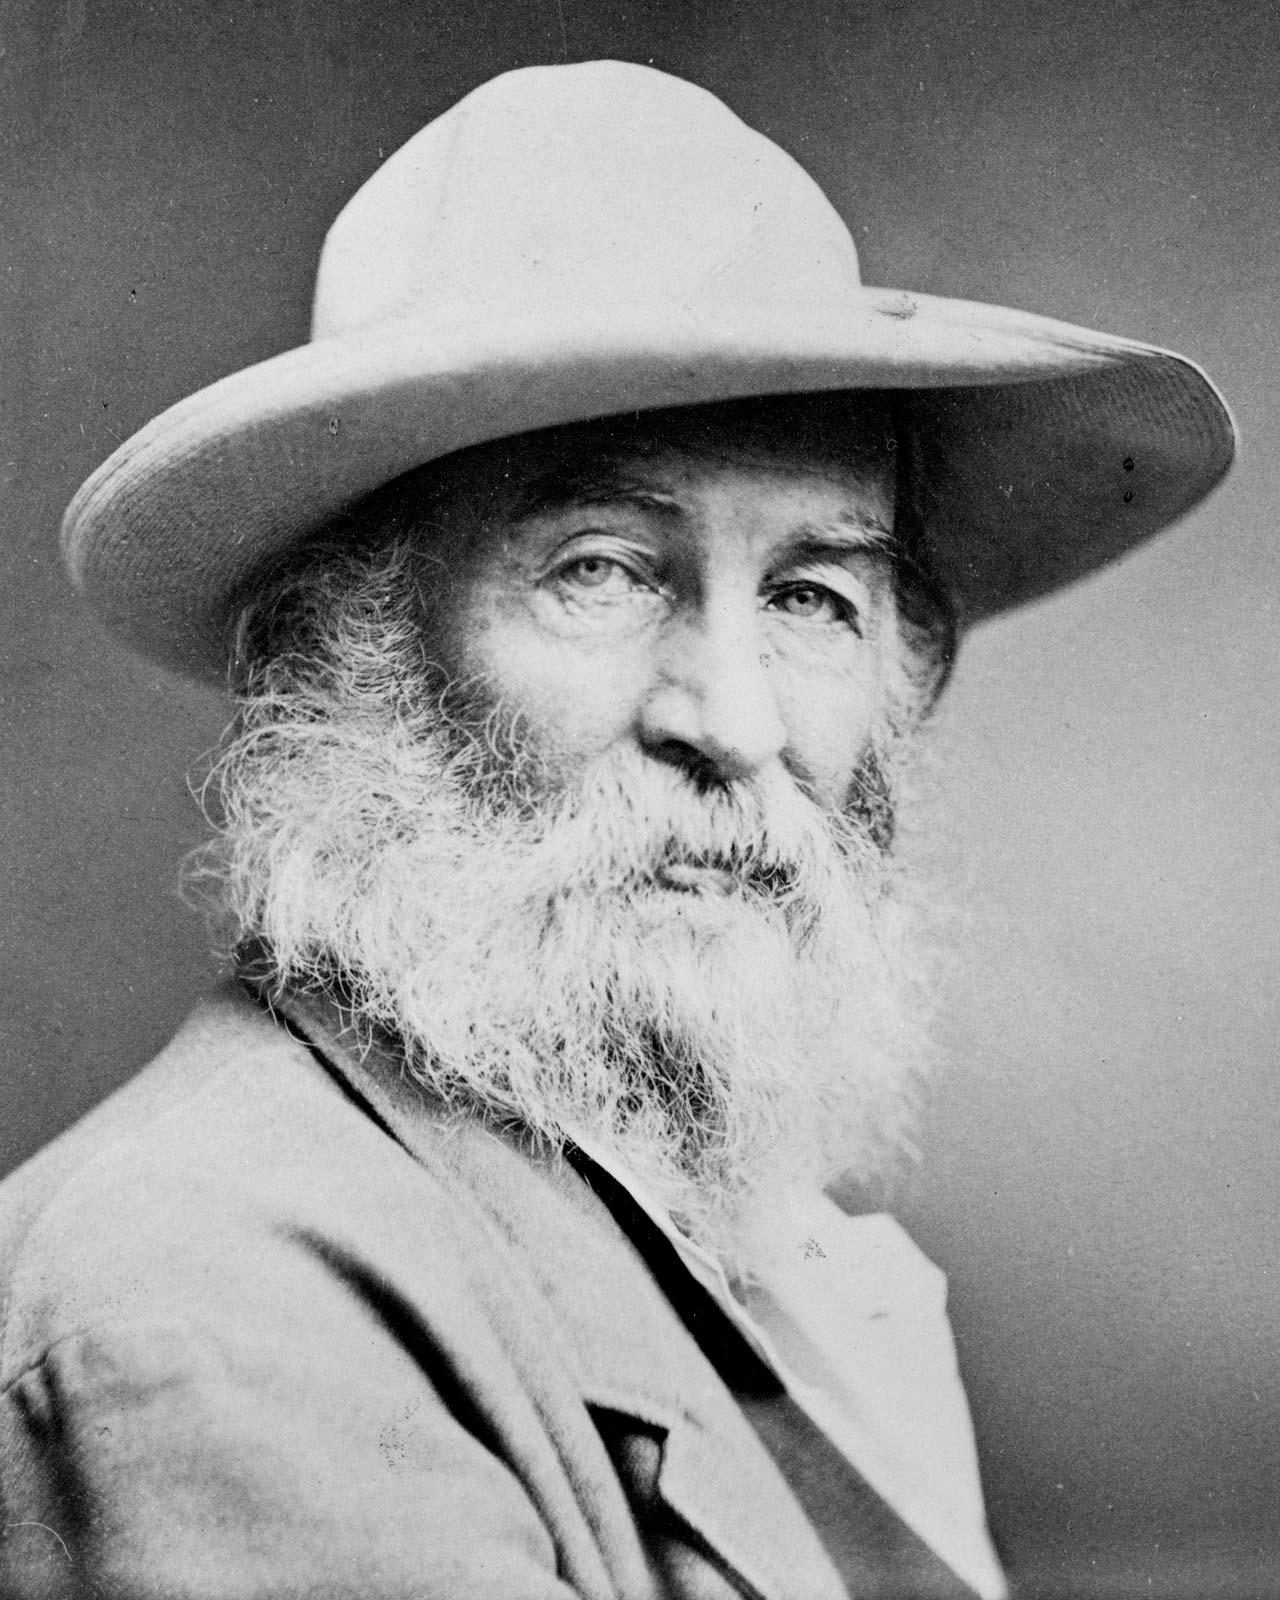 電影中的羅賓威廉斯 詩—春風化雨Dead Poets Society詩譯 中/惠特曼Walt Whitman專輯 @東南亞投資報告